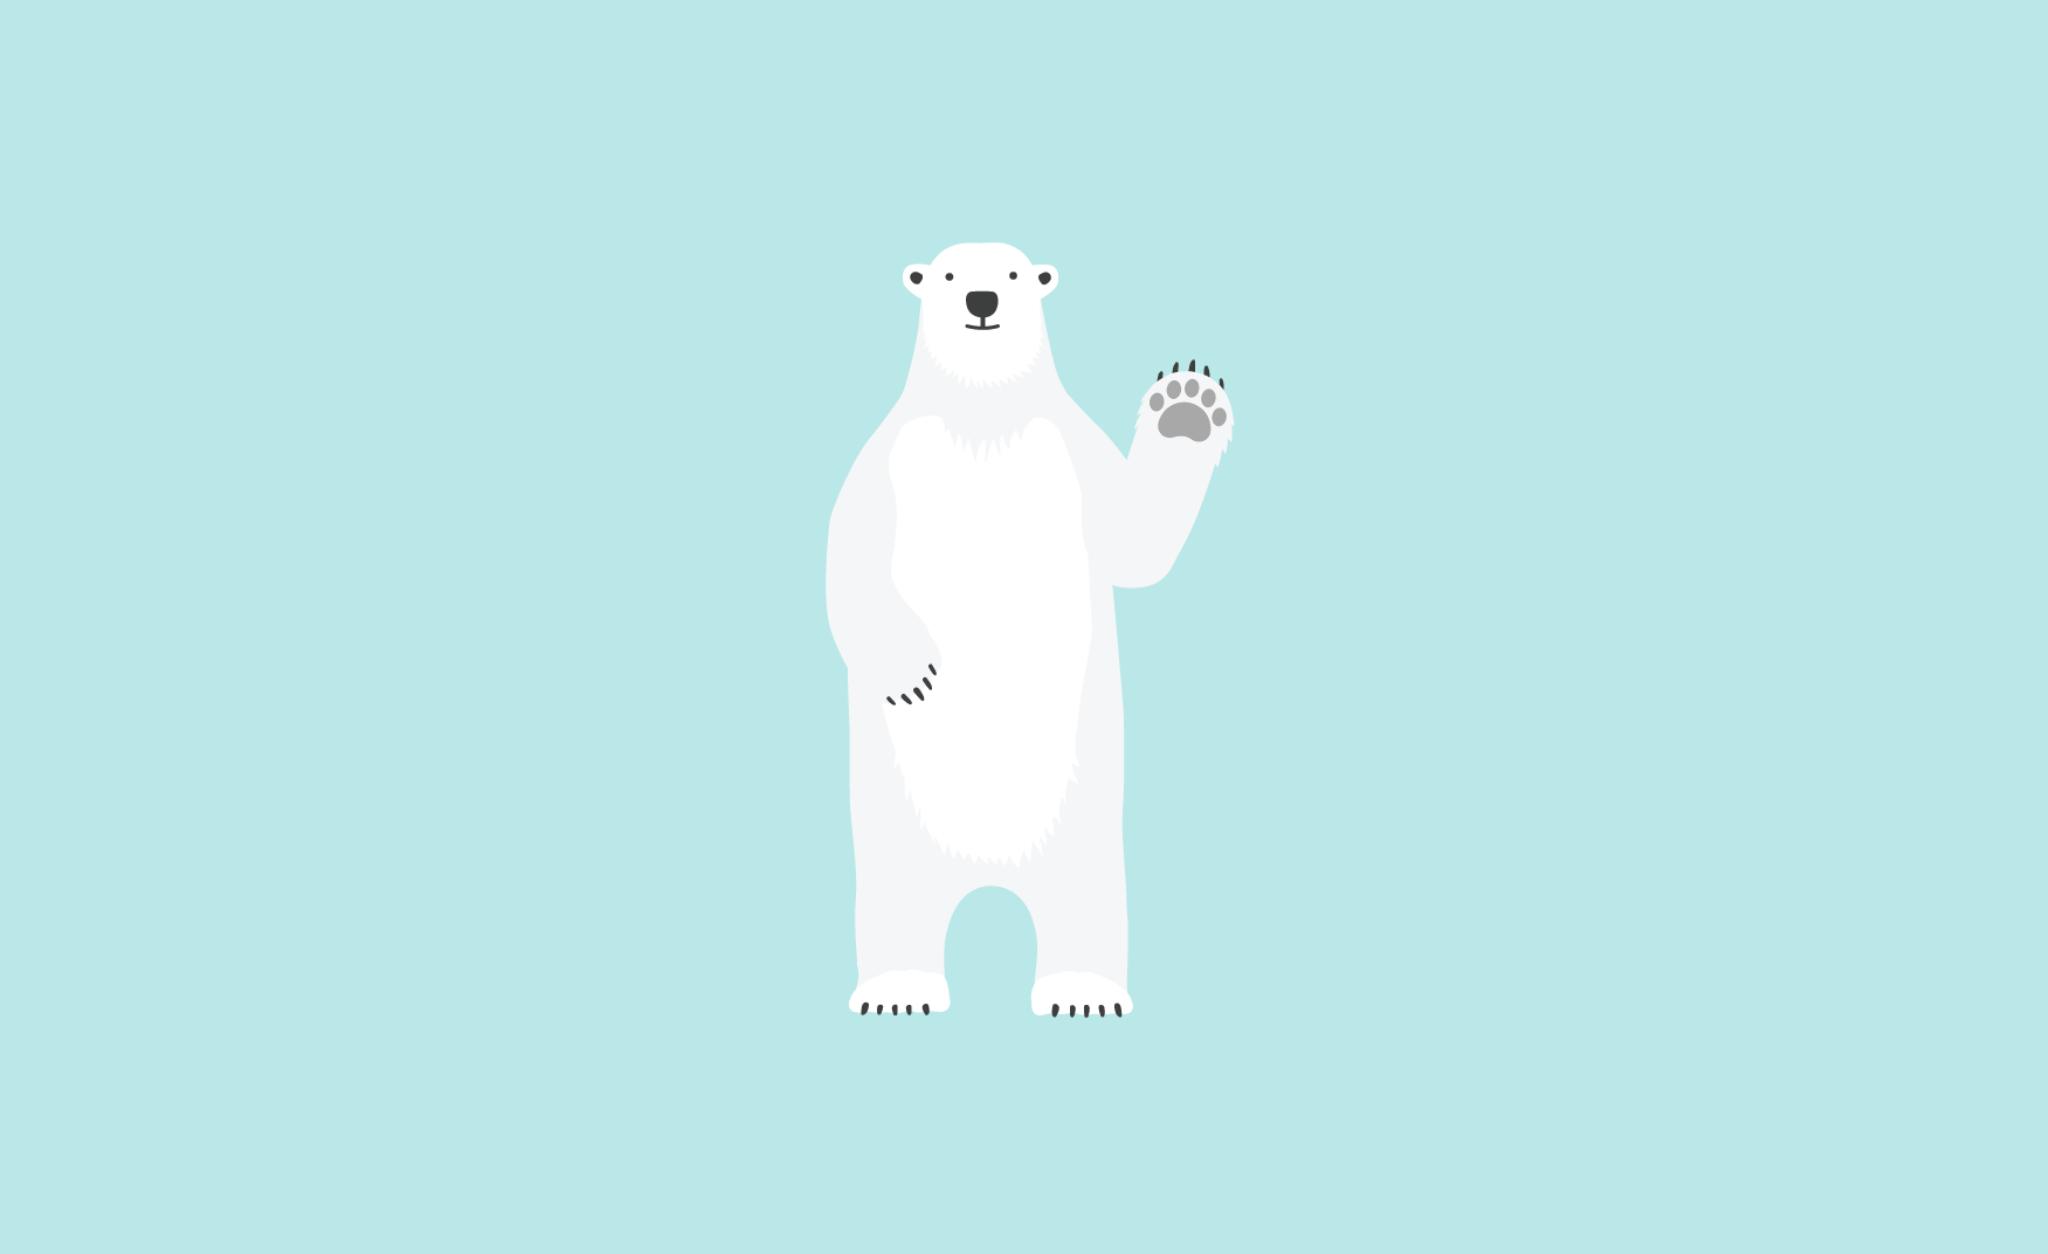 Full body illustration of Bjorn the Bear waving against a light blue background